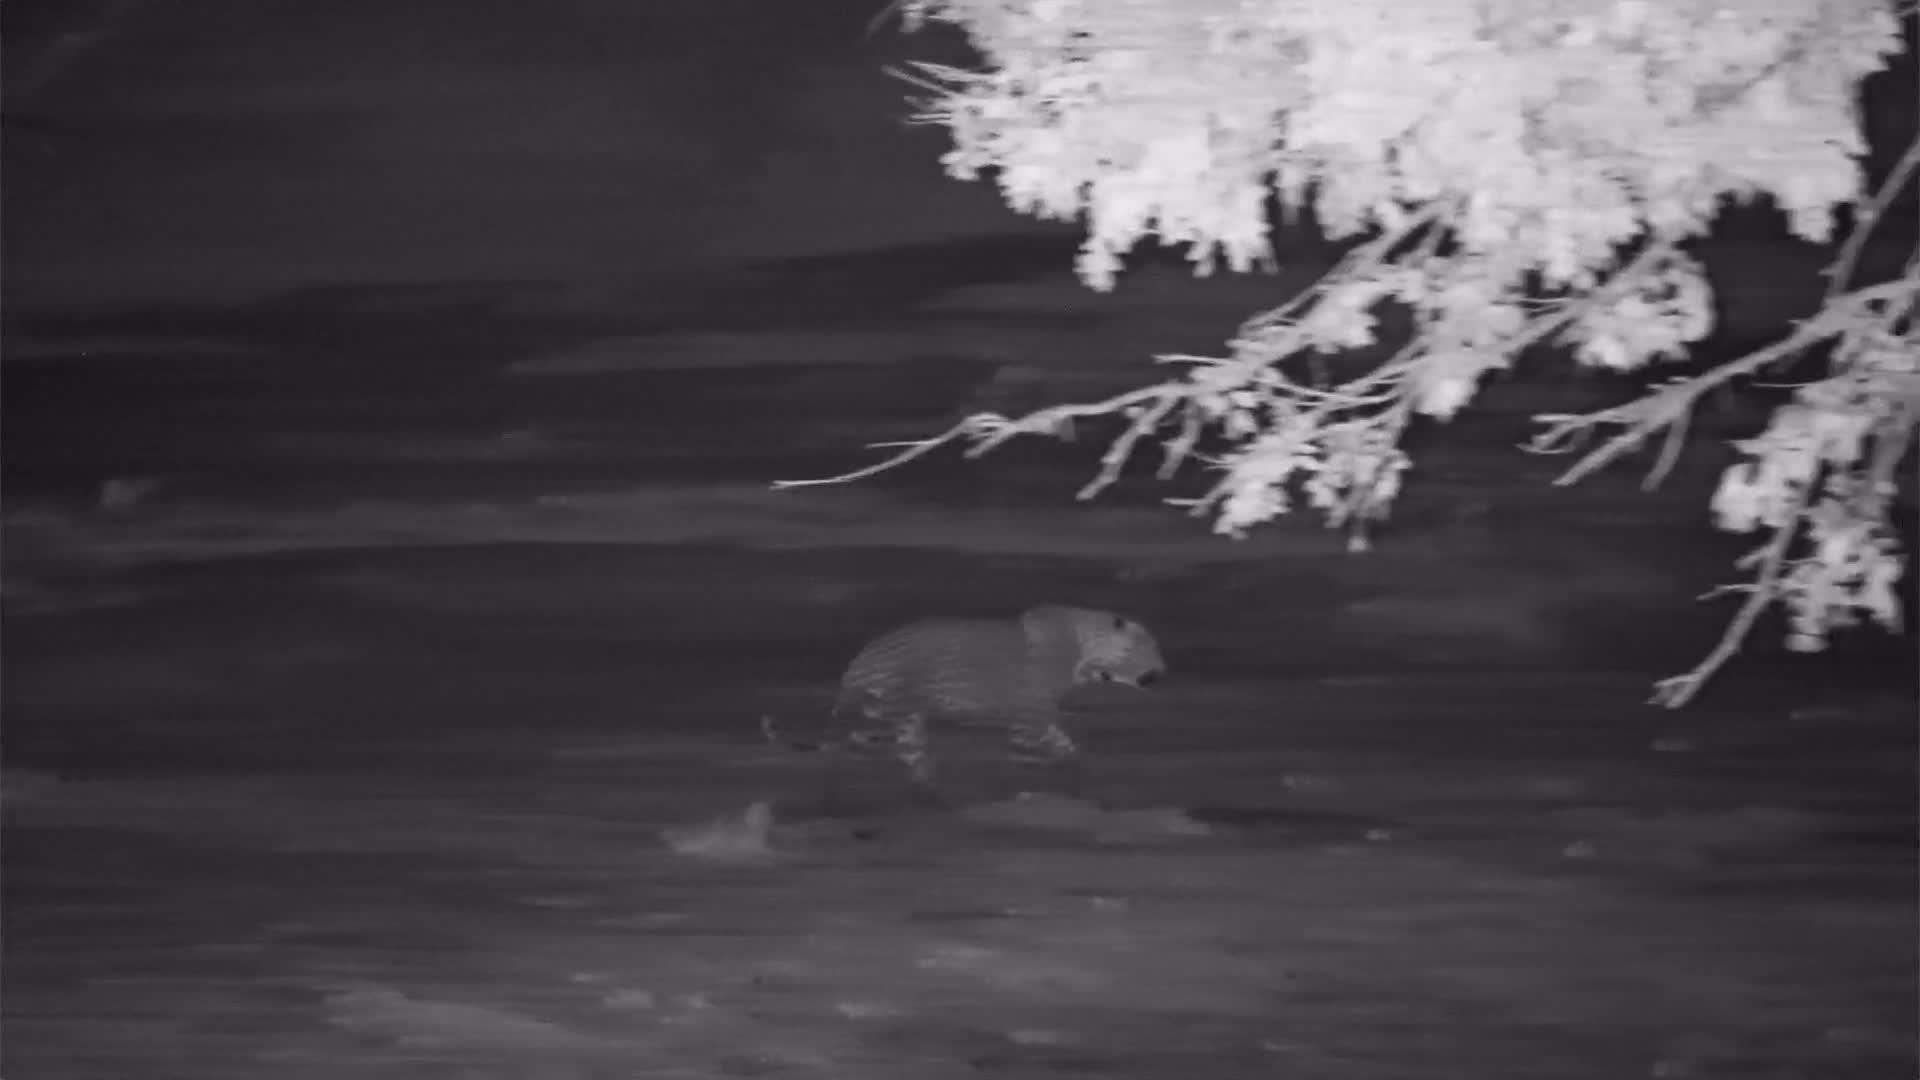 VIDEO: Leopard strolling past the waterhole on the far side